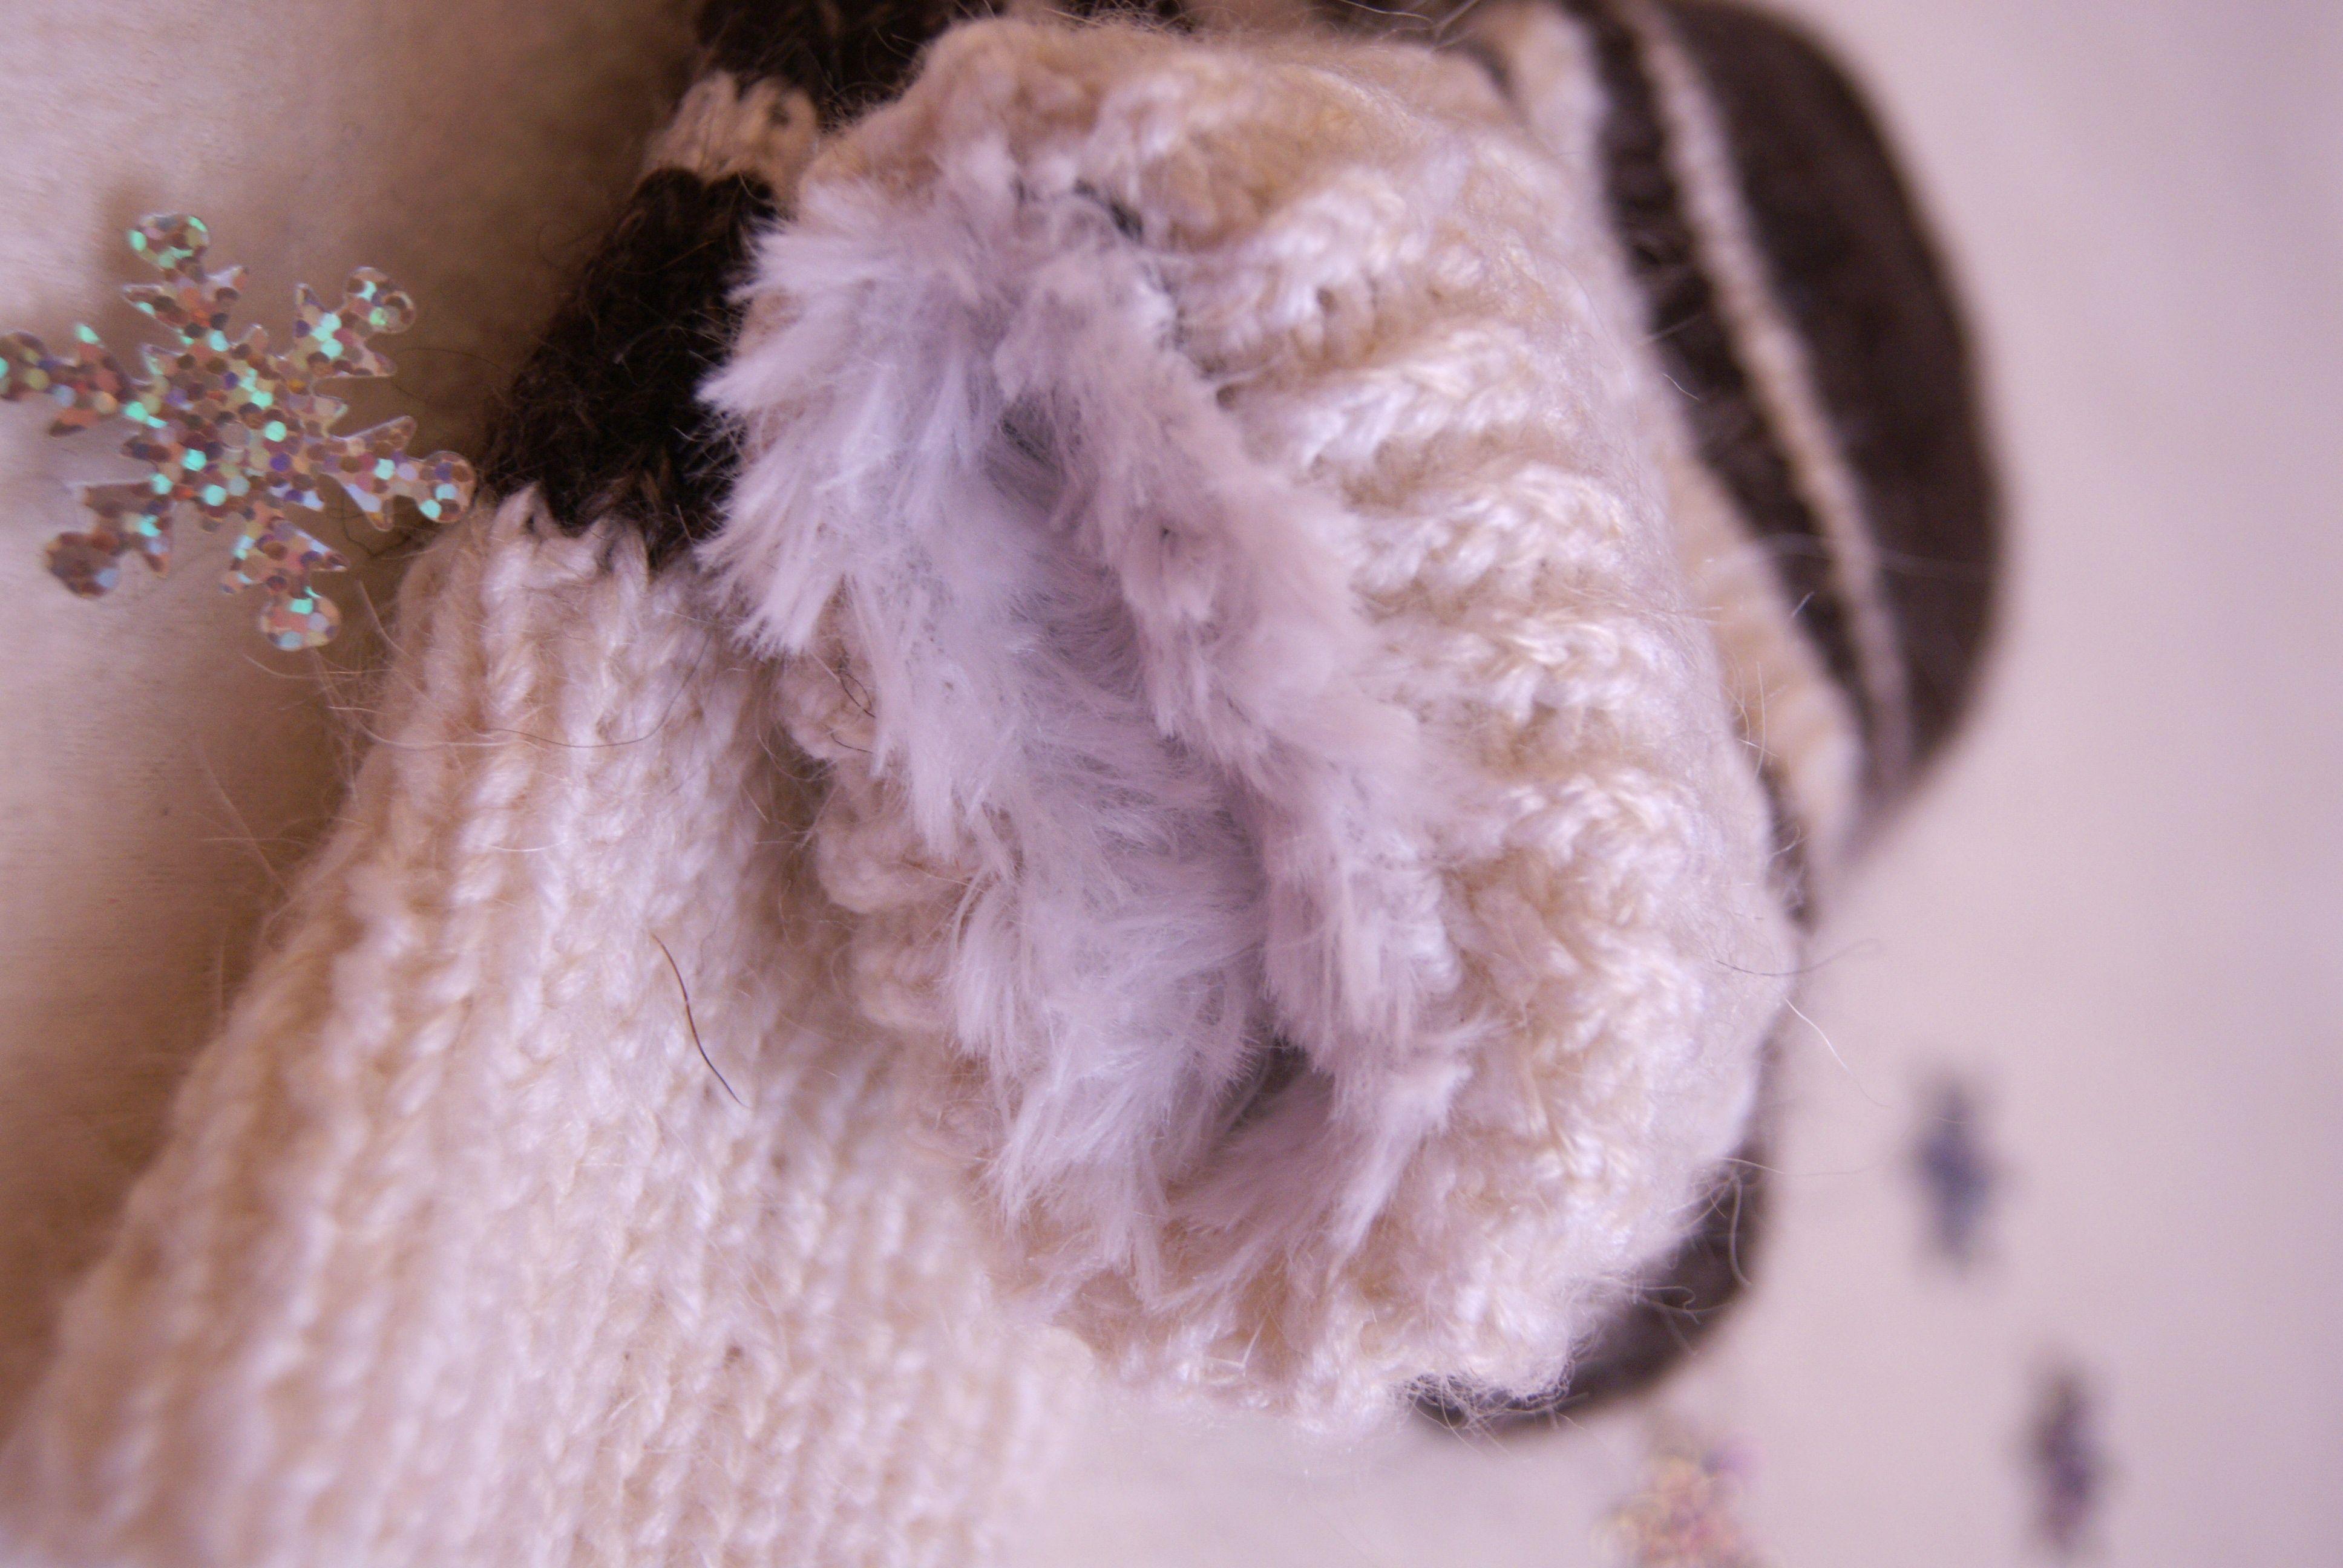 зима вязание рукавицы искусственныймех мех уют тепло вяжуназаказ варежки вяжутнетолькобабушки вязаниеназаказ